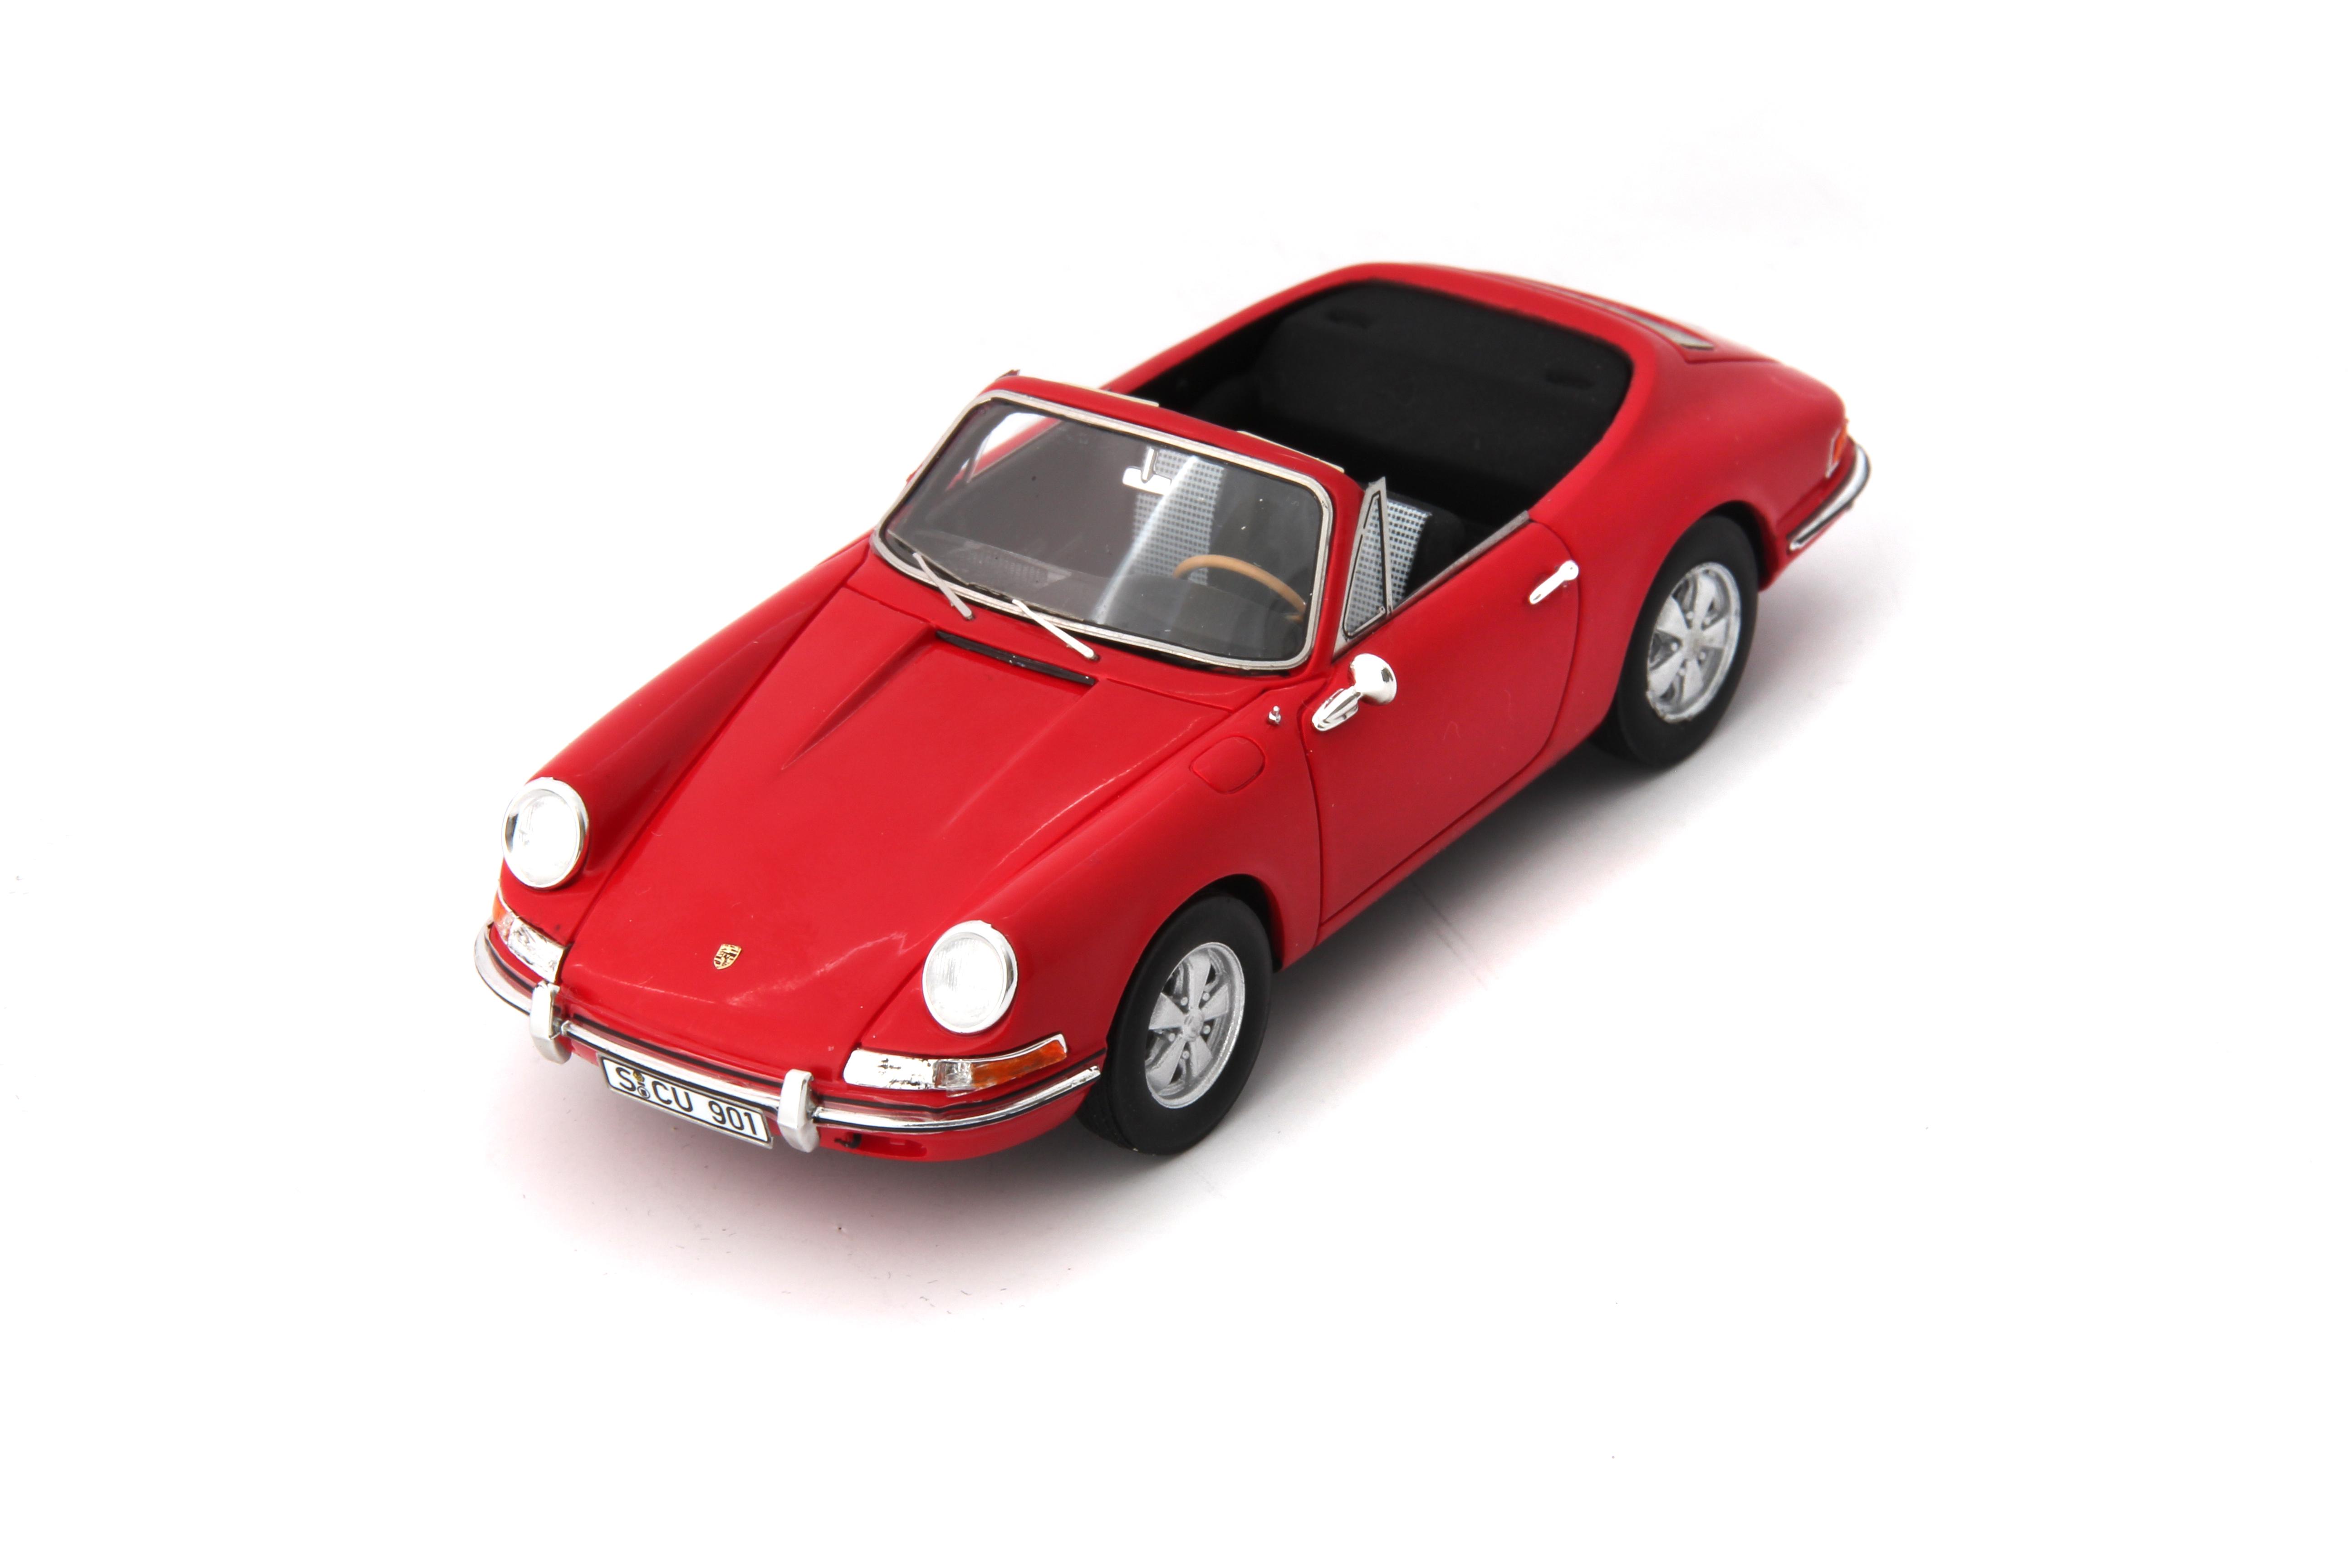 Autocult Porsche 901 Karmann Cabriolet